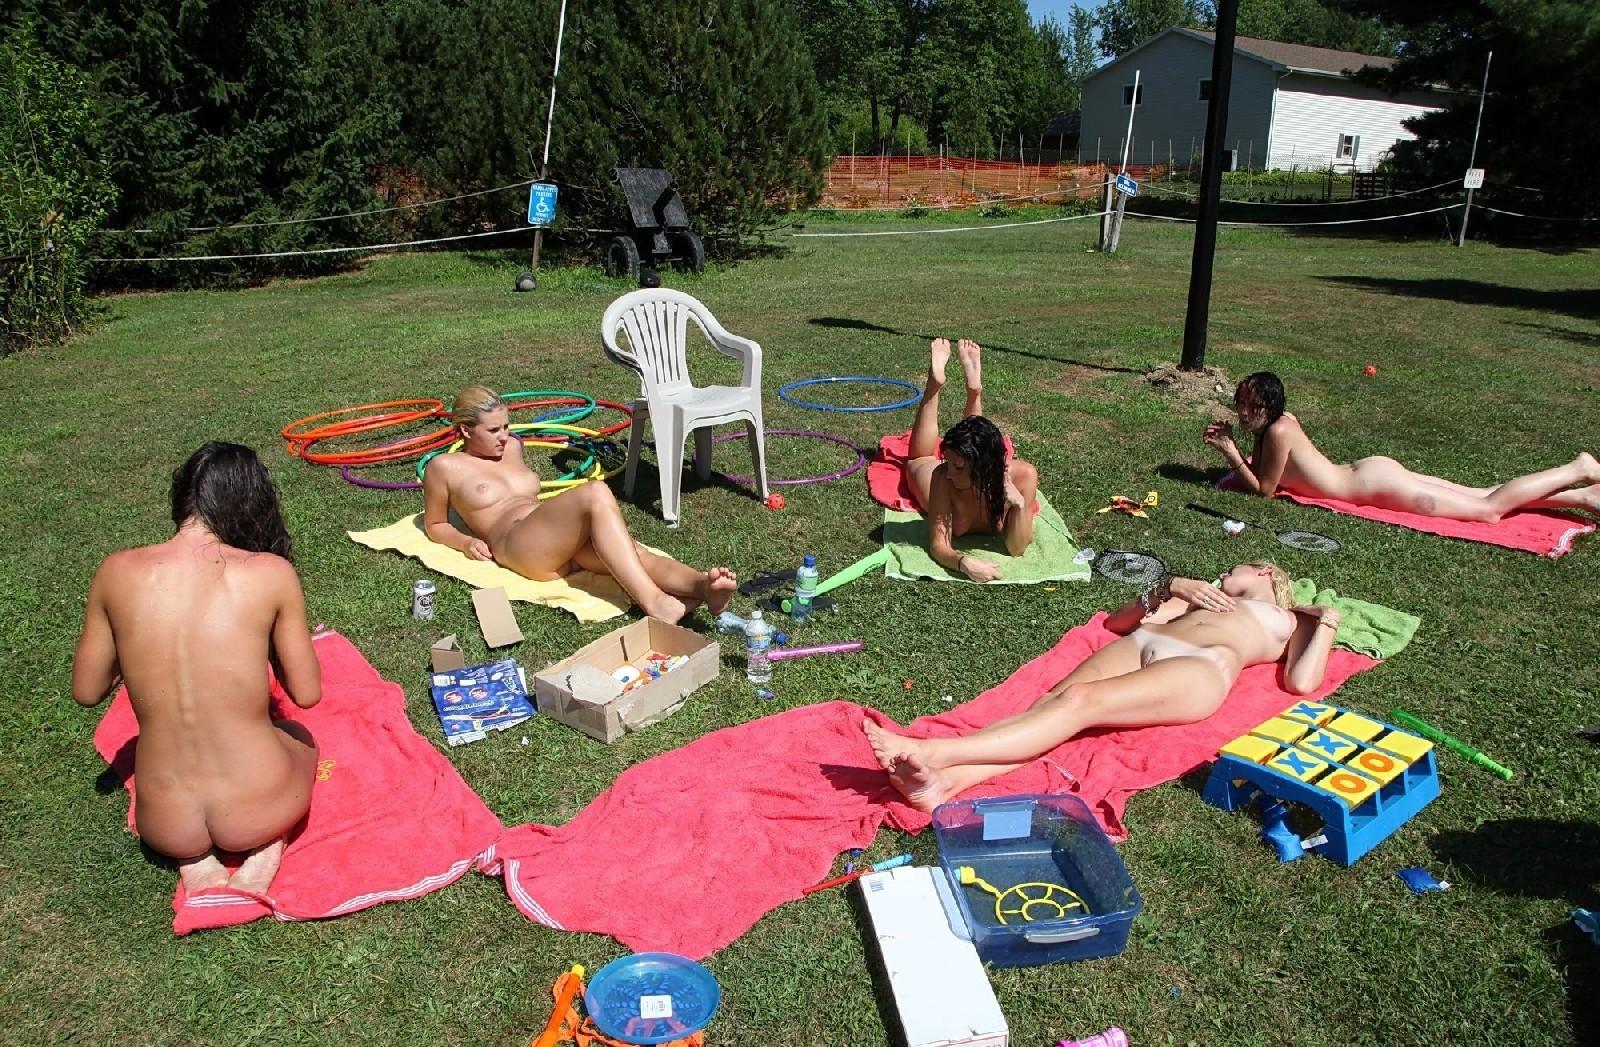 Девки загорают на солнышке в парке, да еще и полностью голышом